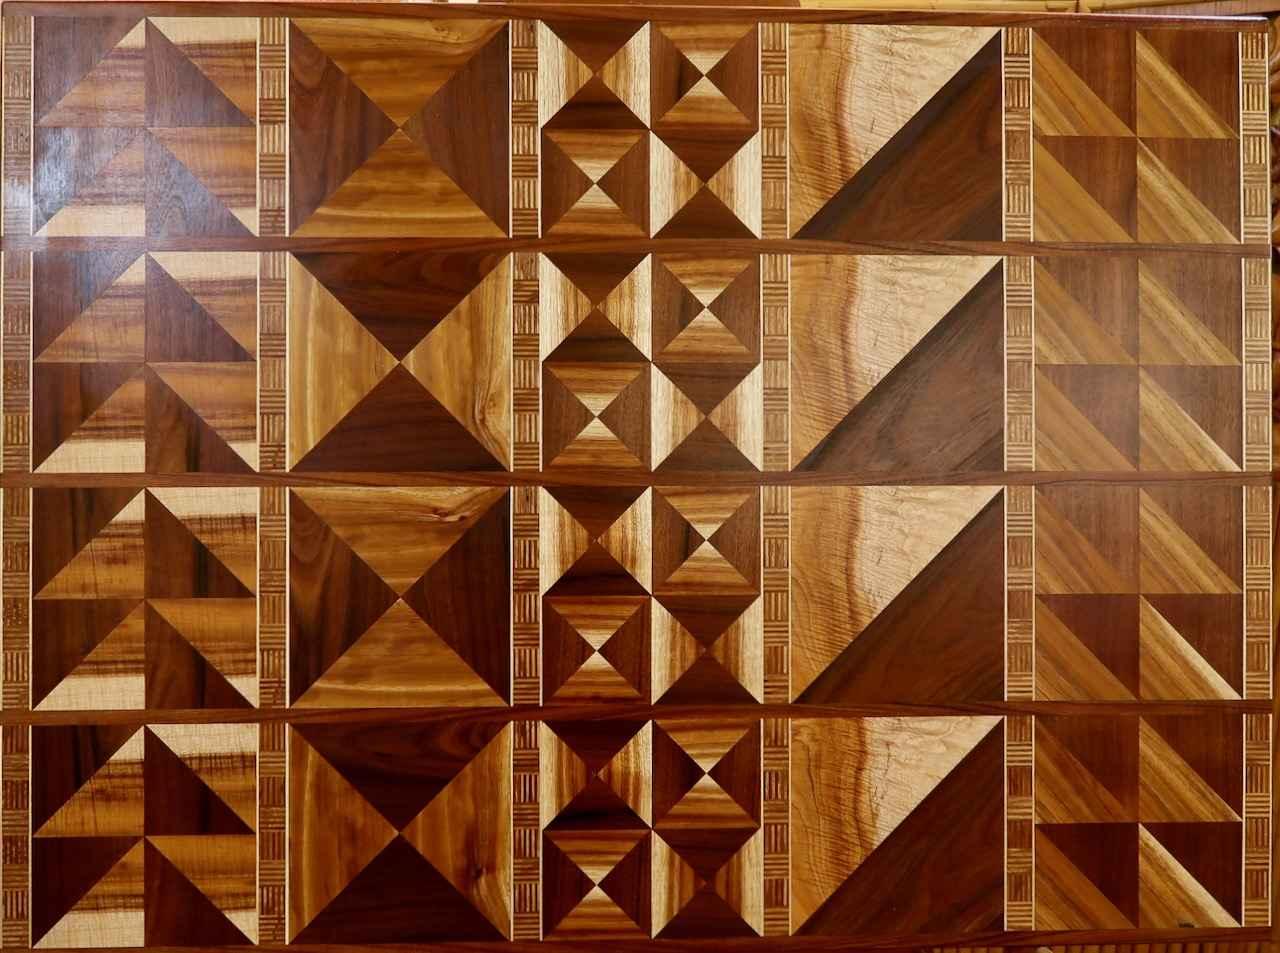 Koa Kapa Wall Art by  Winter Anderson - Masterpiece Online